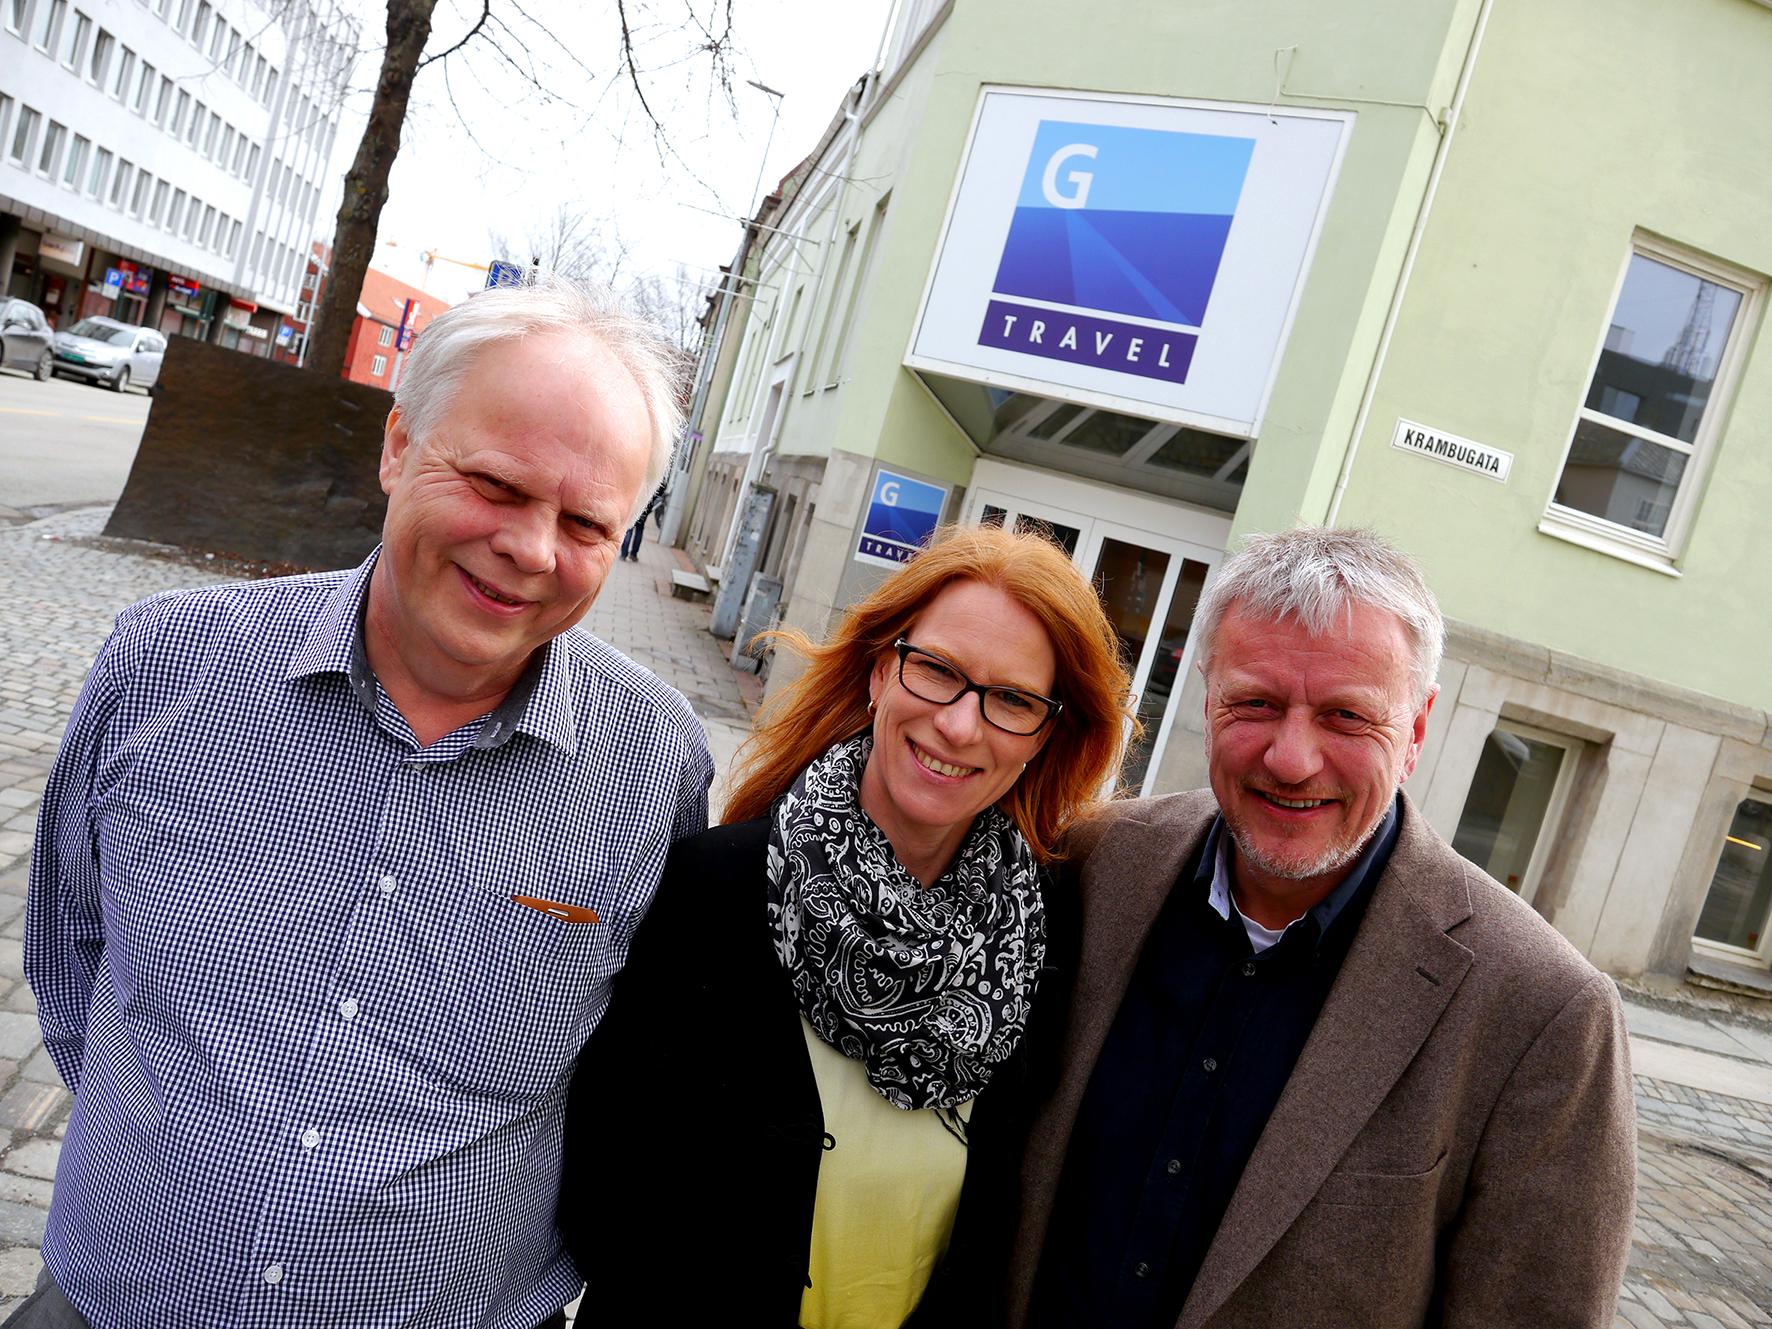 Blikket rettet fremover. Daglig leder Sigbjørn Hoff, salgsleder Karen Larsen og markedssjef Anders Aursand i G Travel i Dronningensgate 1. Tekst og foto: Jan-Are Hansen.